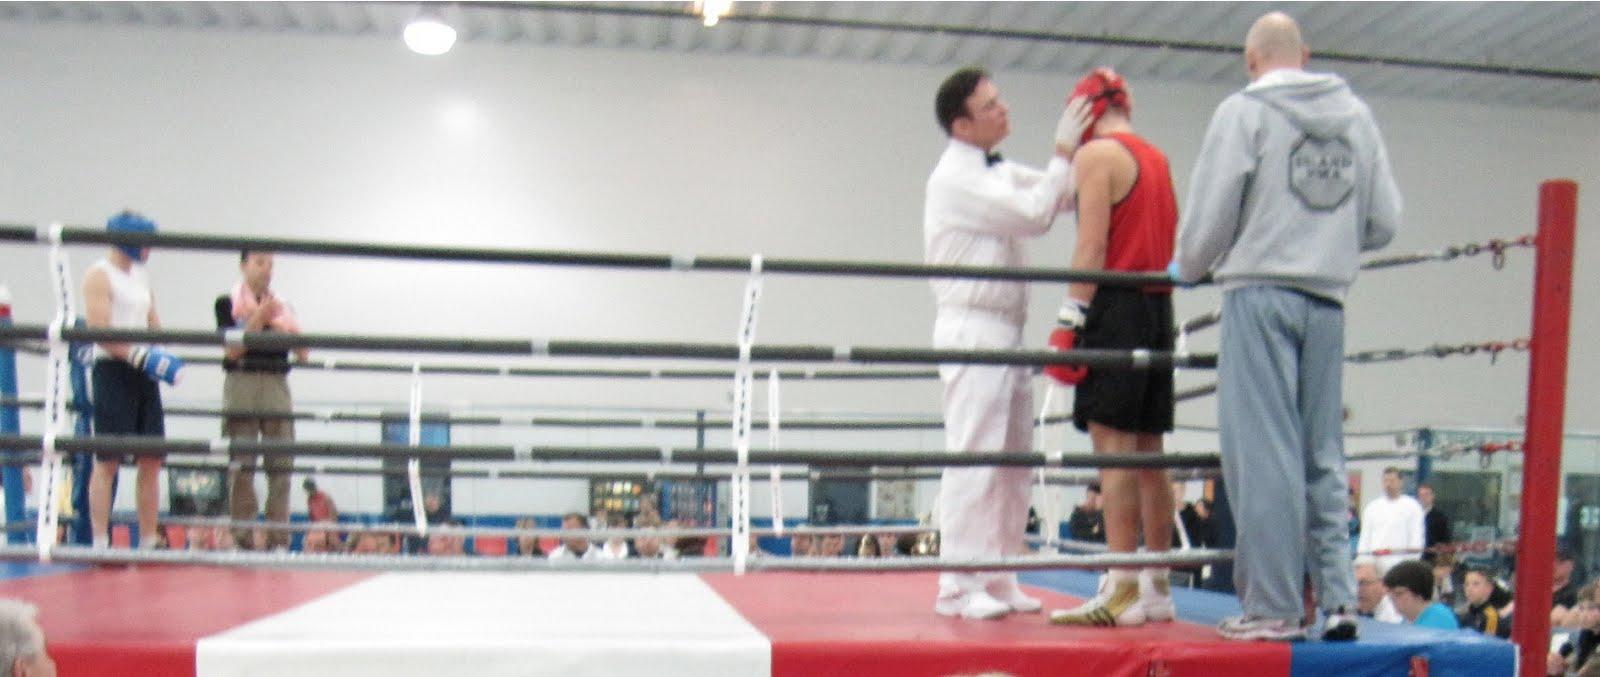 Kelowna amateur boxing not